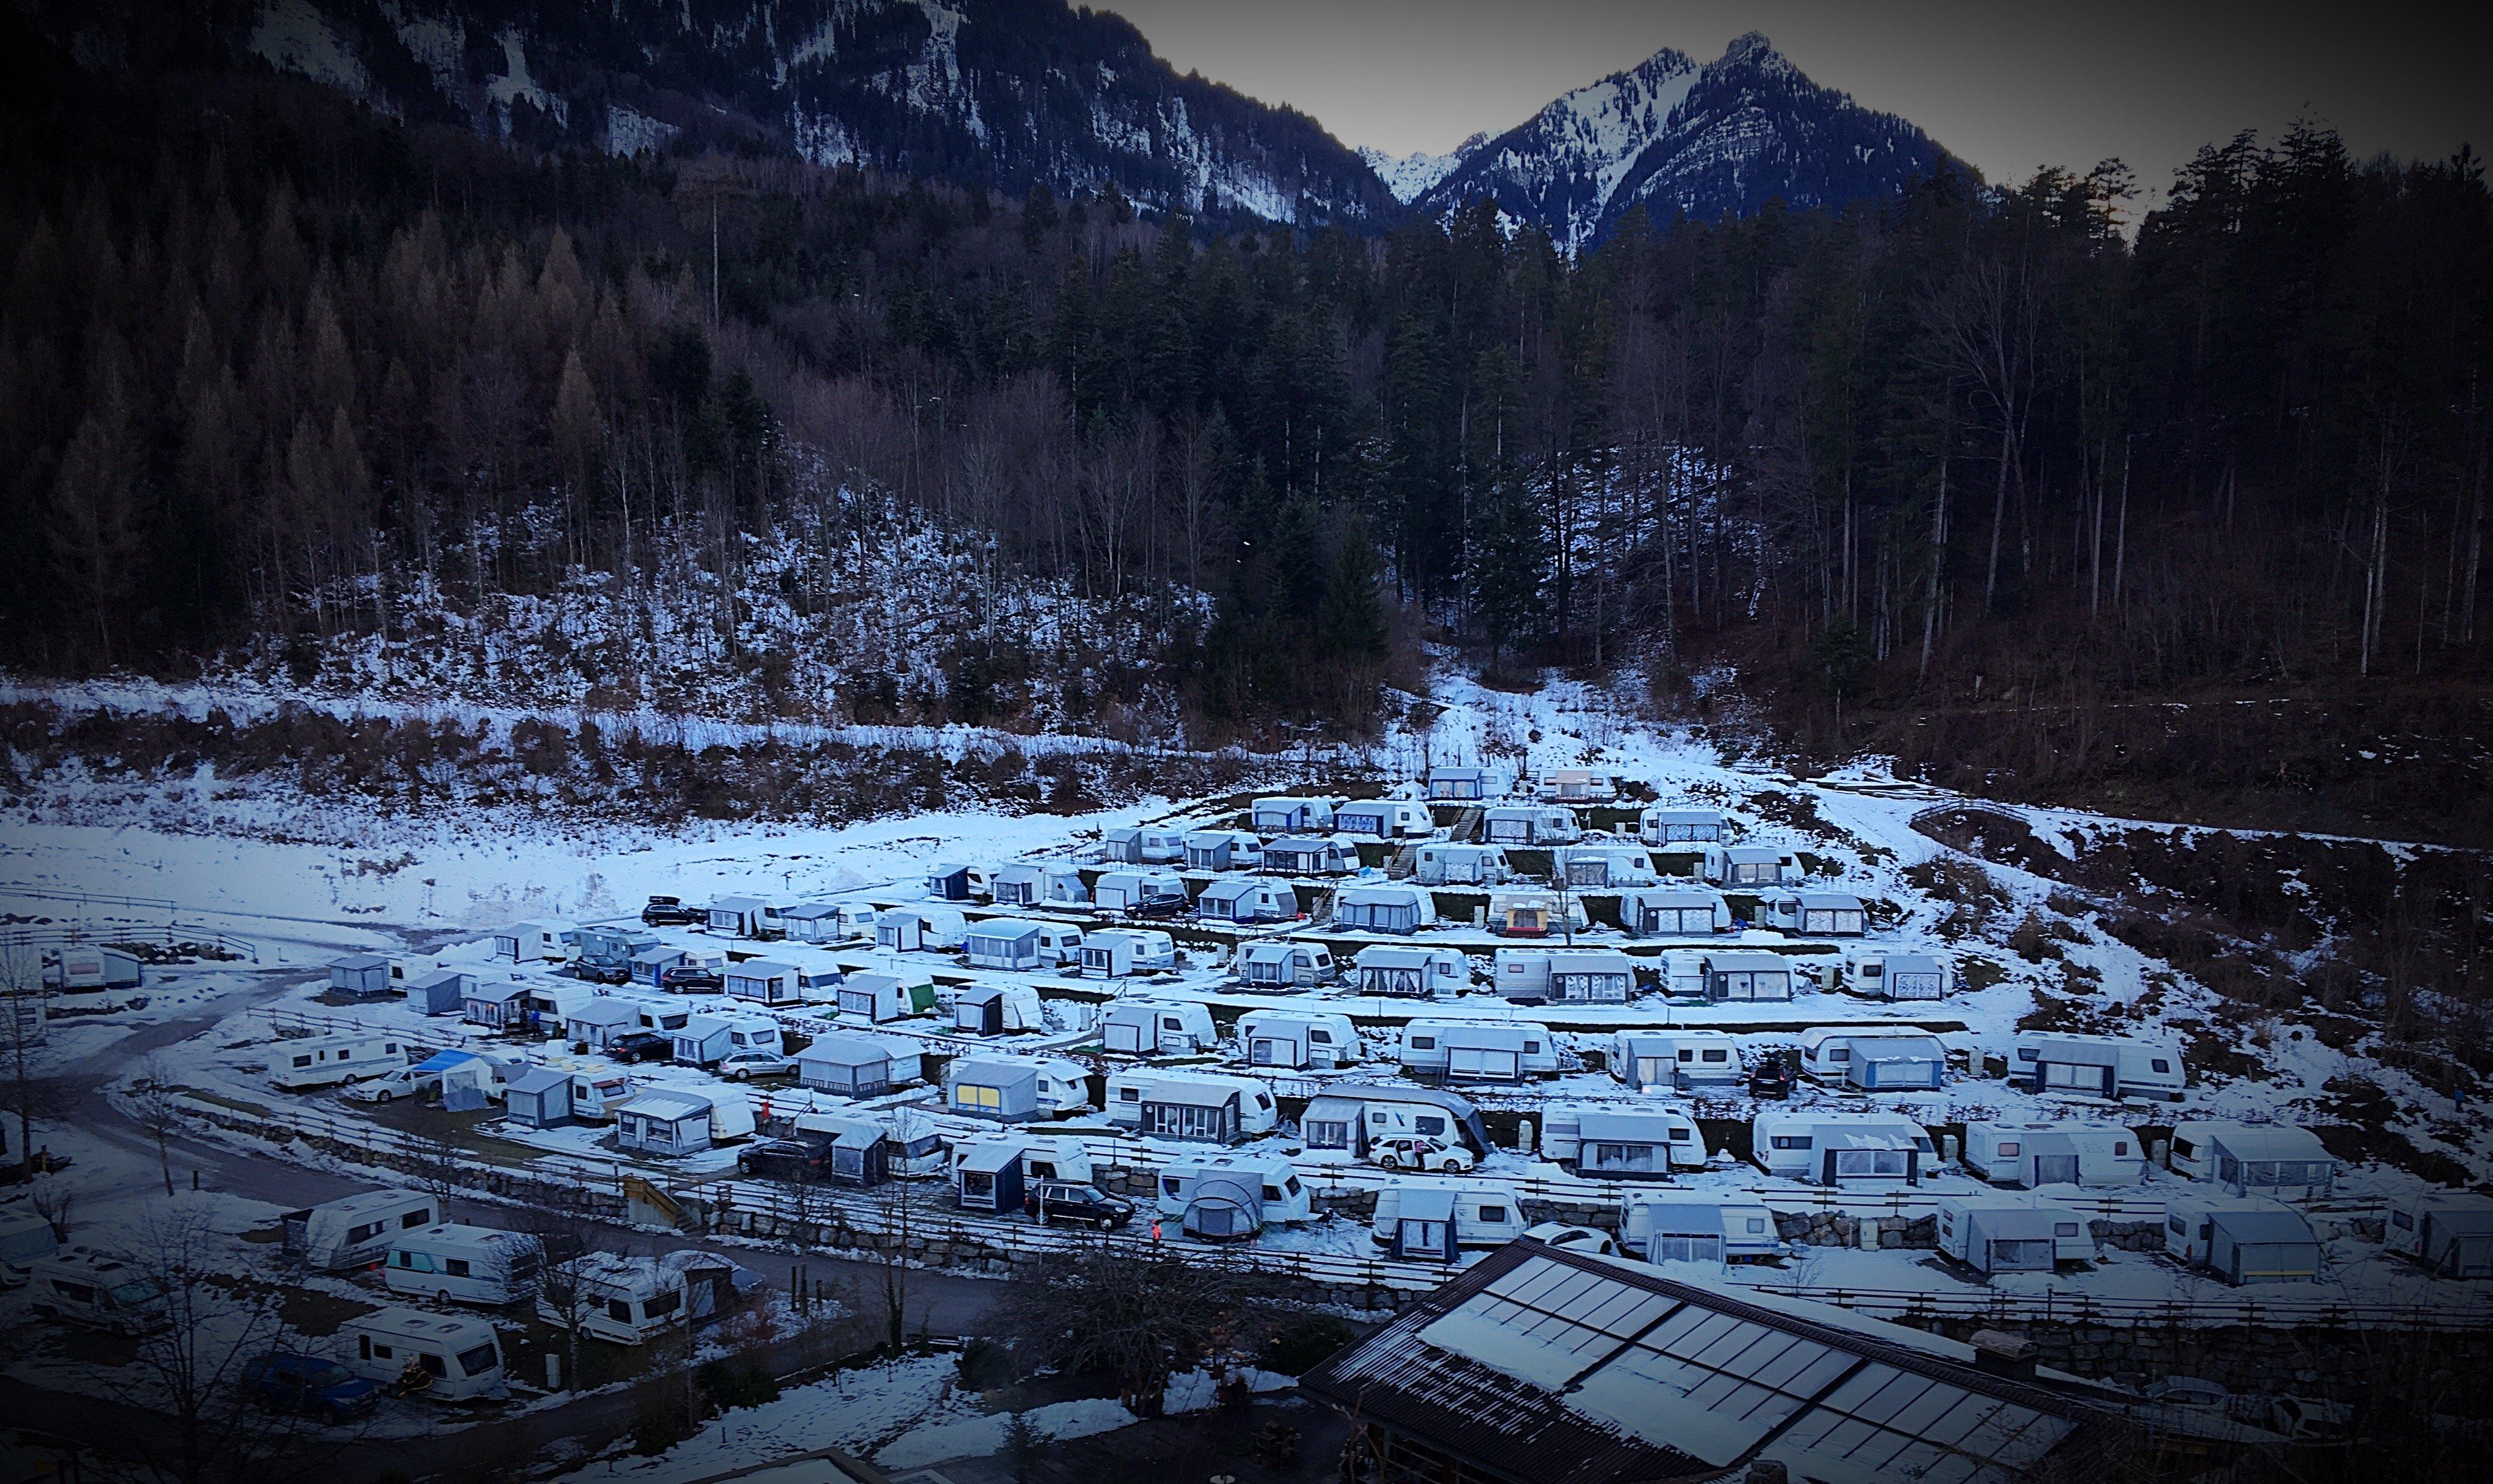 Foto 25.12.17 16 17 56 - Alpencamping Nenzing – Ein Campingplatz der Luxusklasse